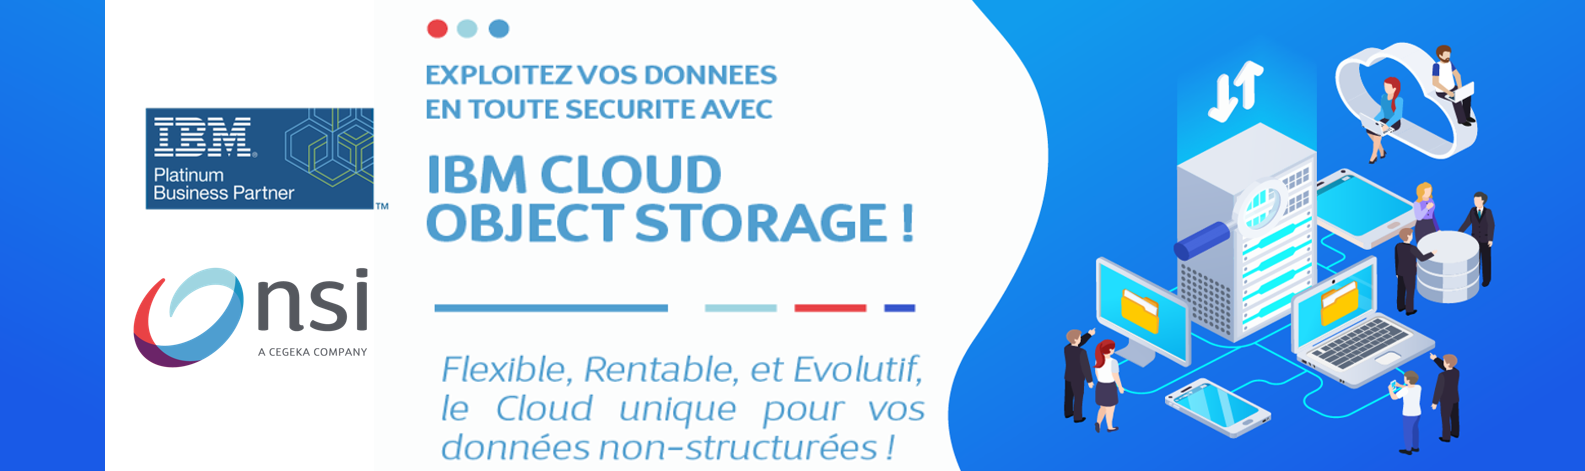 Exploitez vos données en tout sécurité avec IBM Cloud Object Storage.